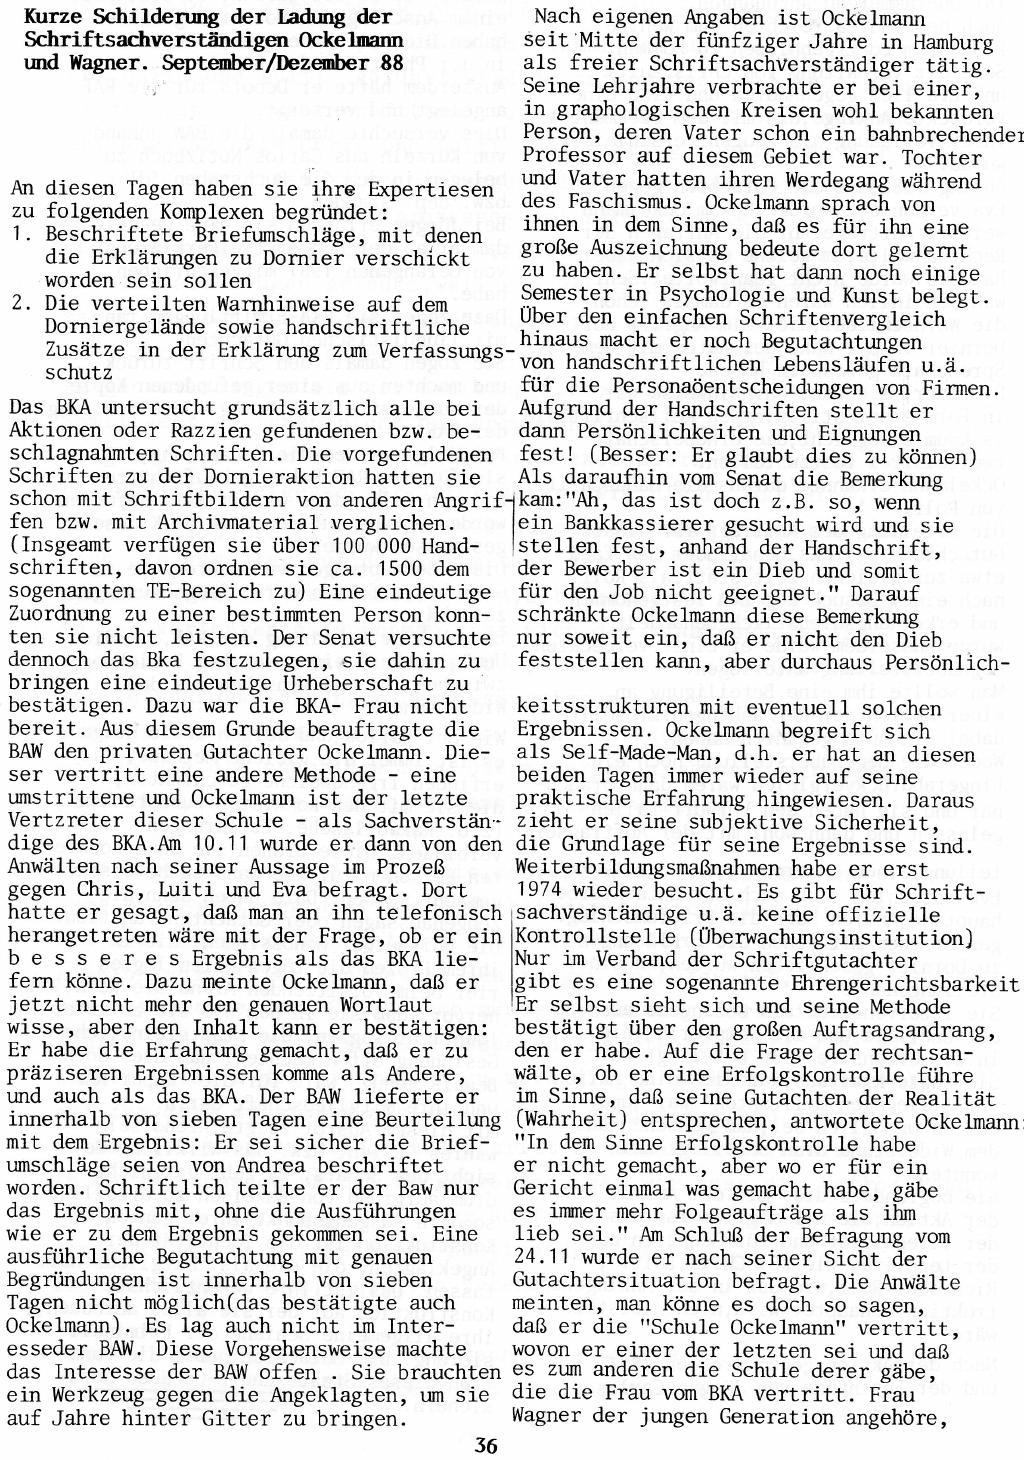 Duesseldorf_1989_Sechs_Politische_Gefangene_036